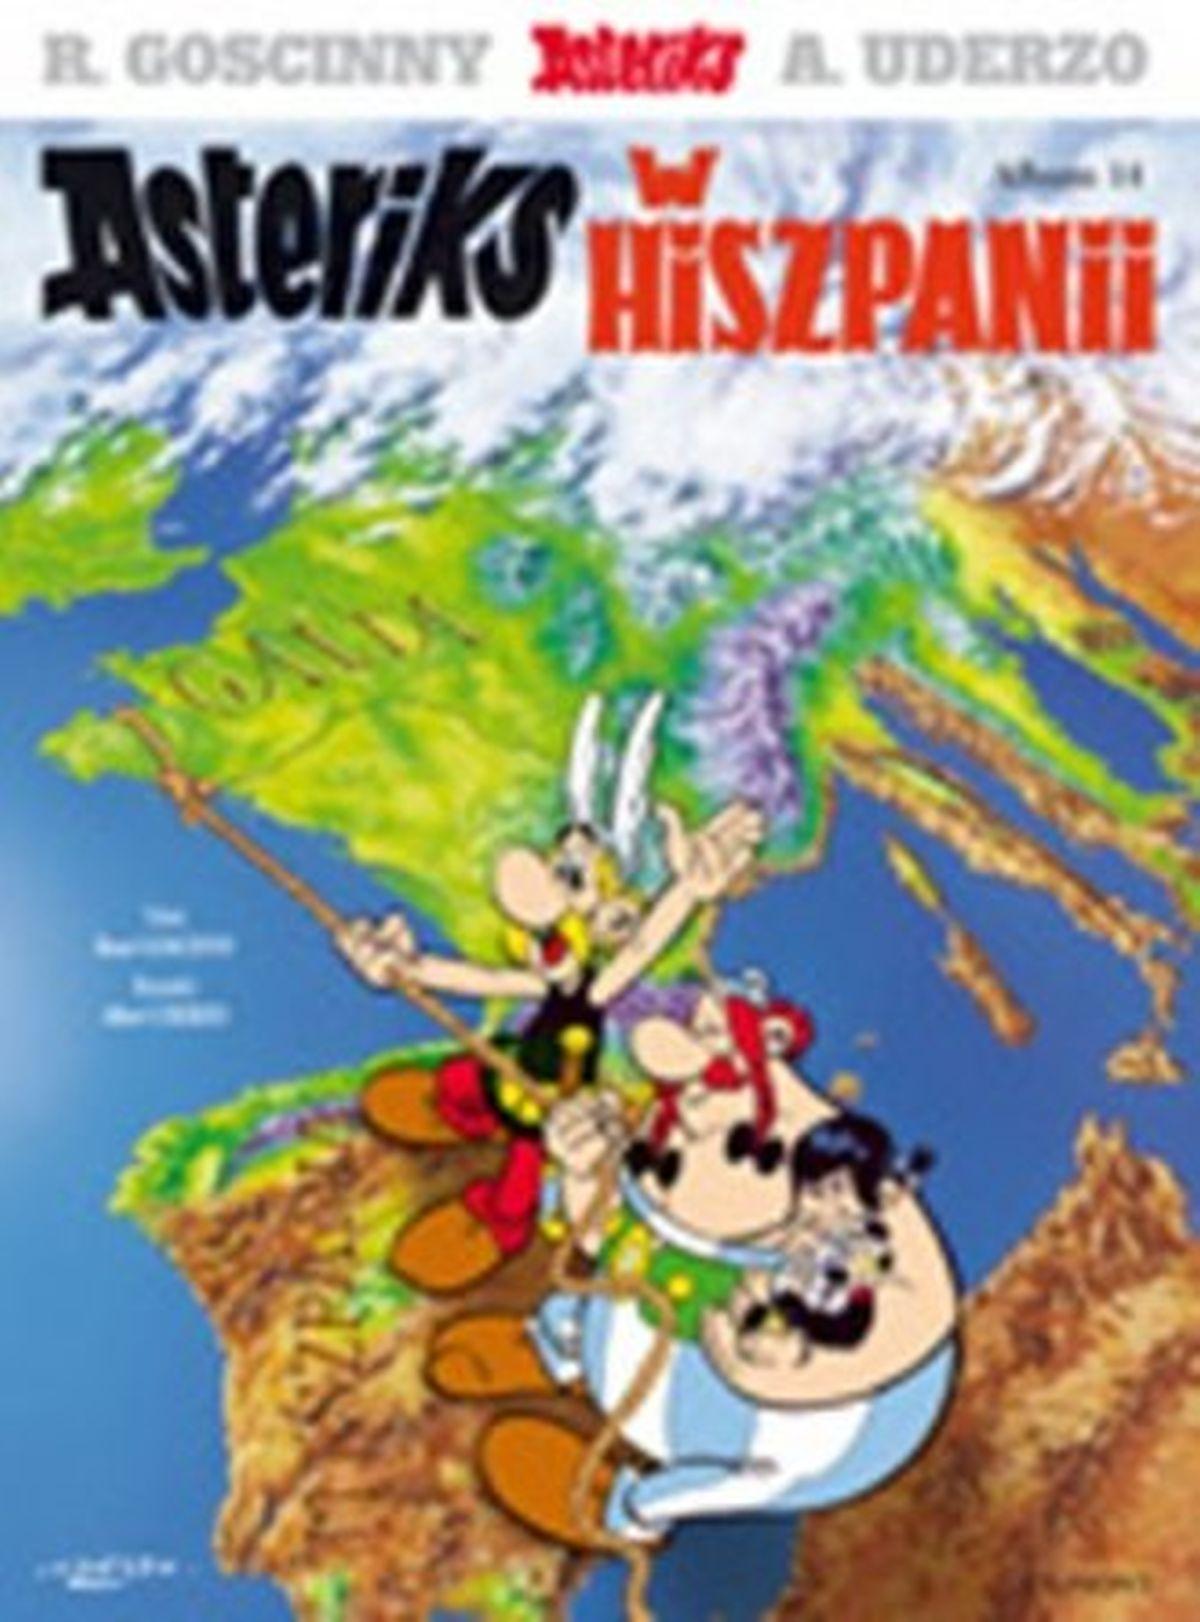 Rene Gościnny, Albert Uderzo, Asteriks. Album 14. Asteriks w Hiszpanii